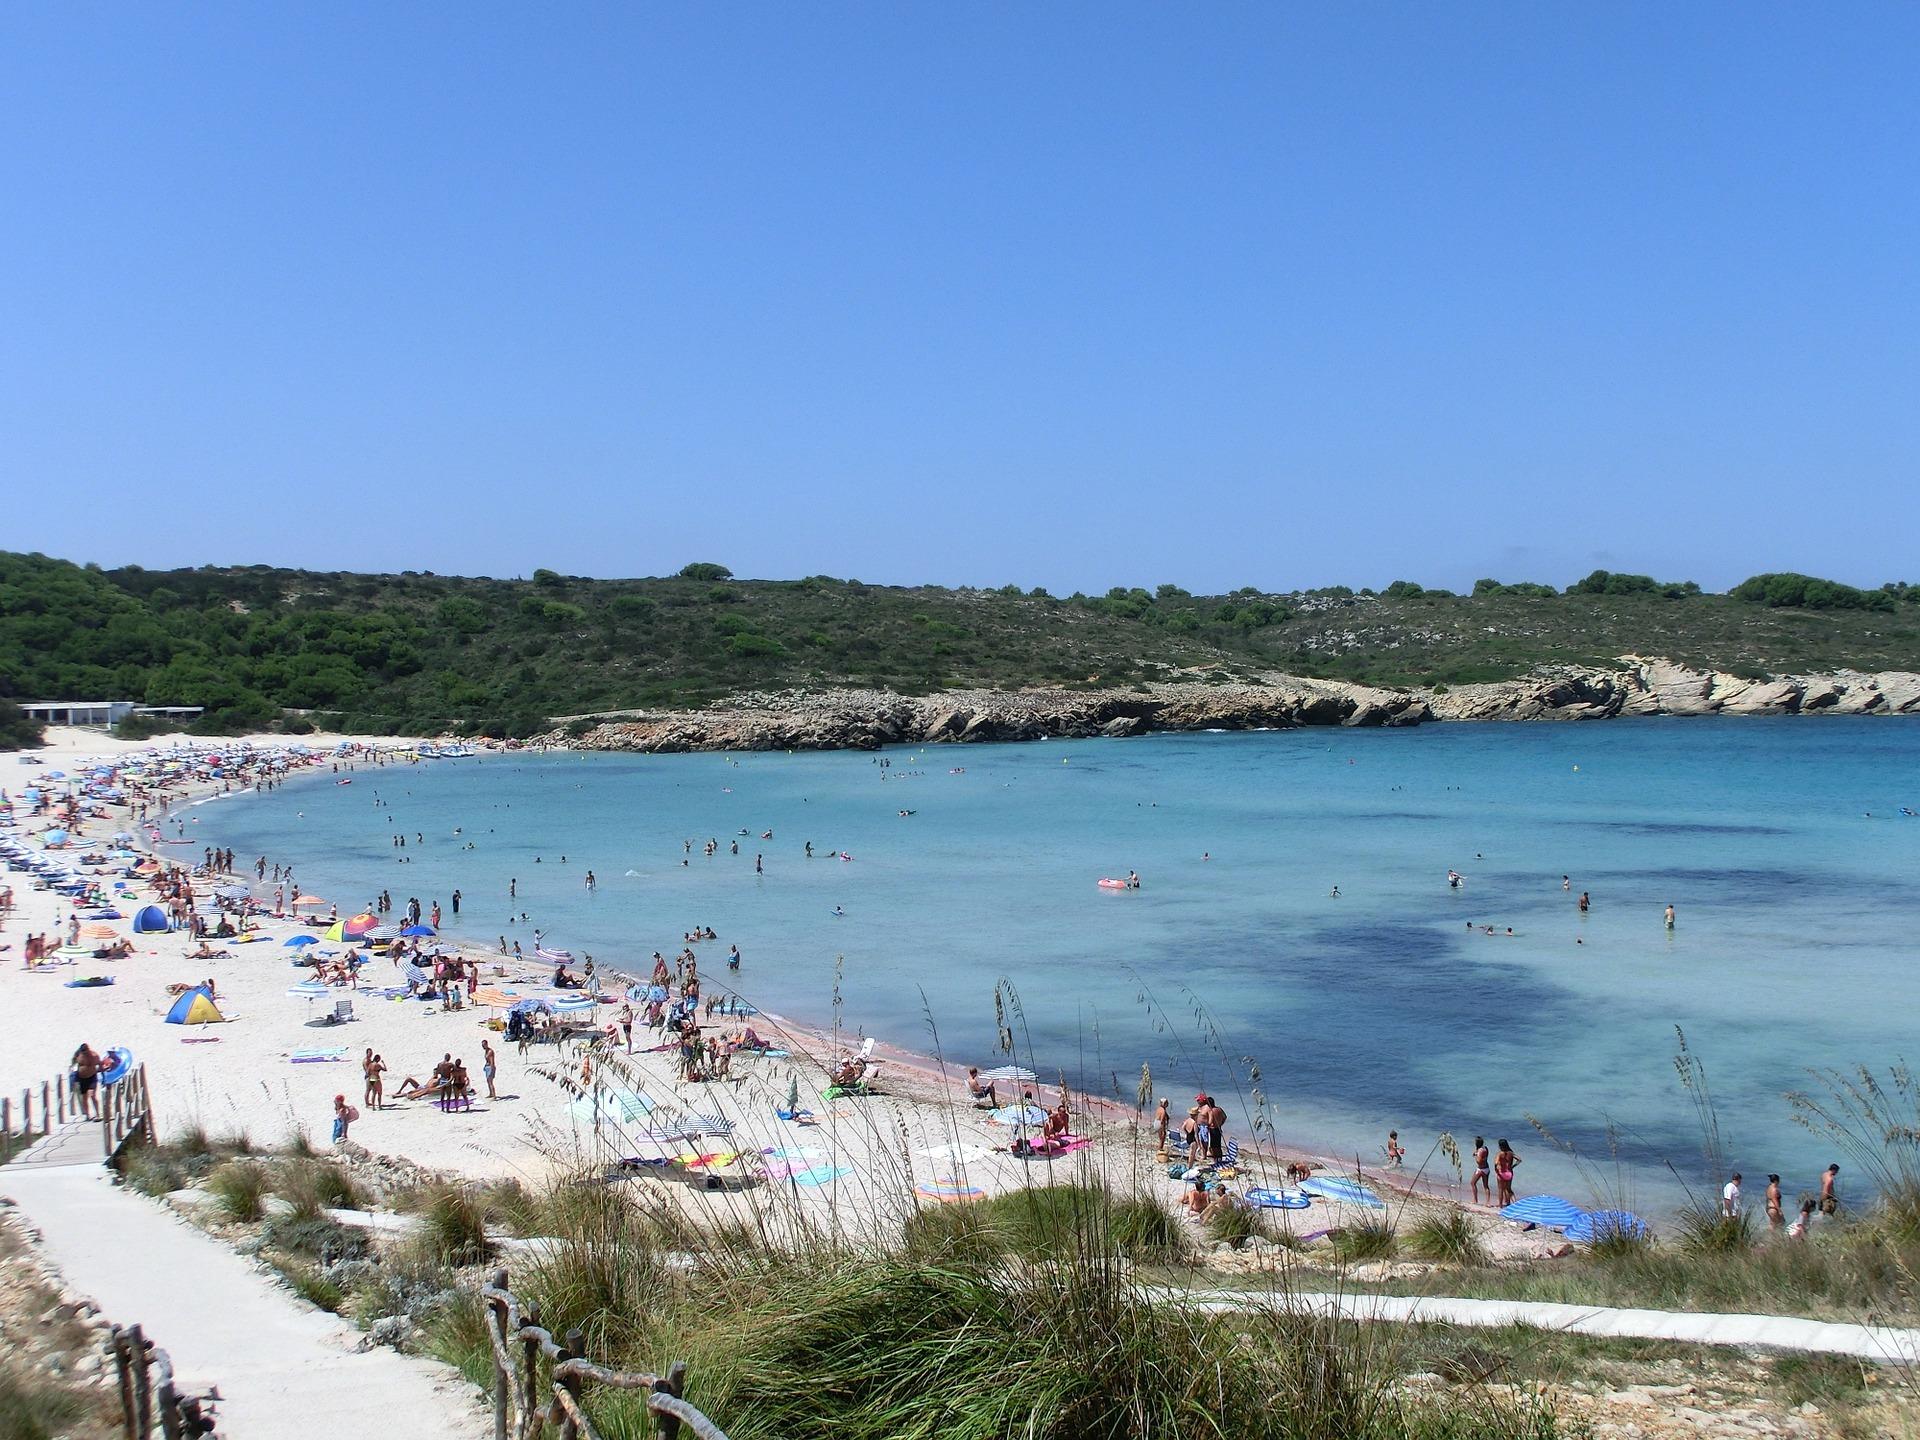 Menorca Urlaub vor Corona, jetzt ist es extrem ruhig auf der Insel